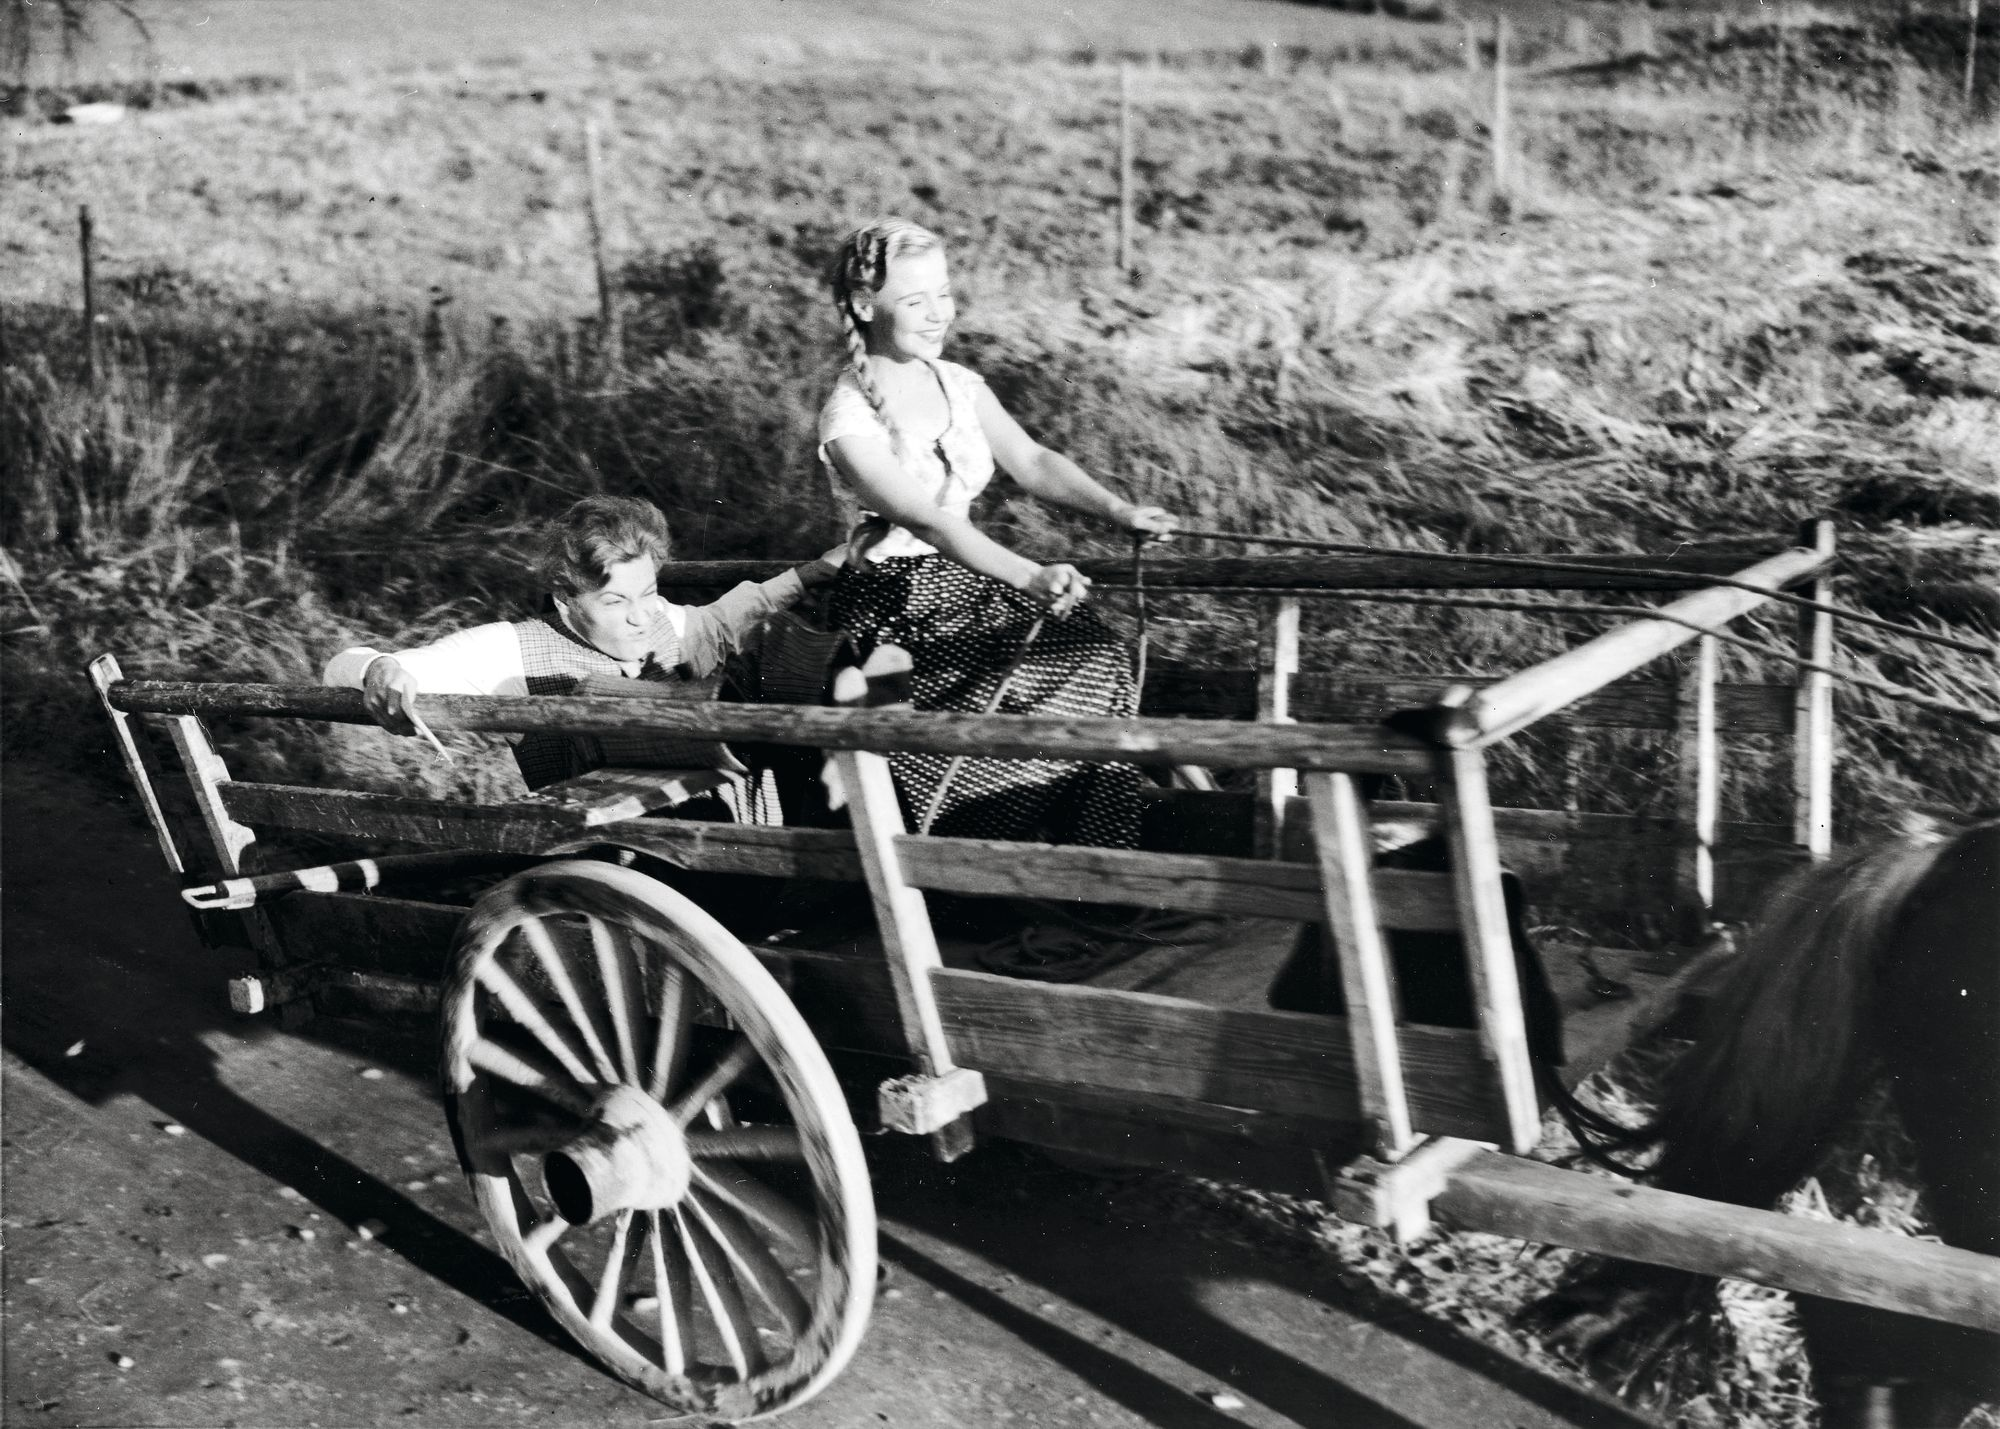 Näyttelijät Aino-Maija Tikkanen ja Jussi Jurkka hevosrattailla elokuvassa 'Morsiusseppele', 1953 © Otavamedian arkisto